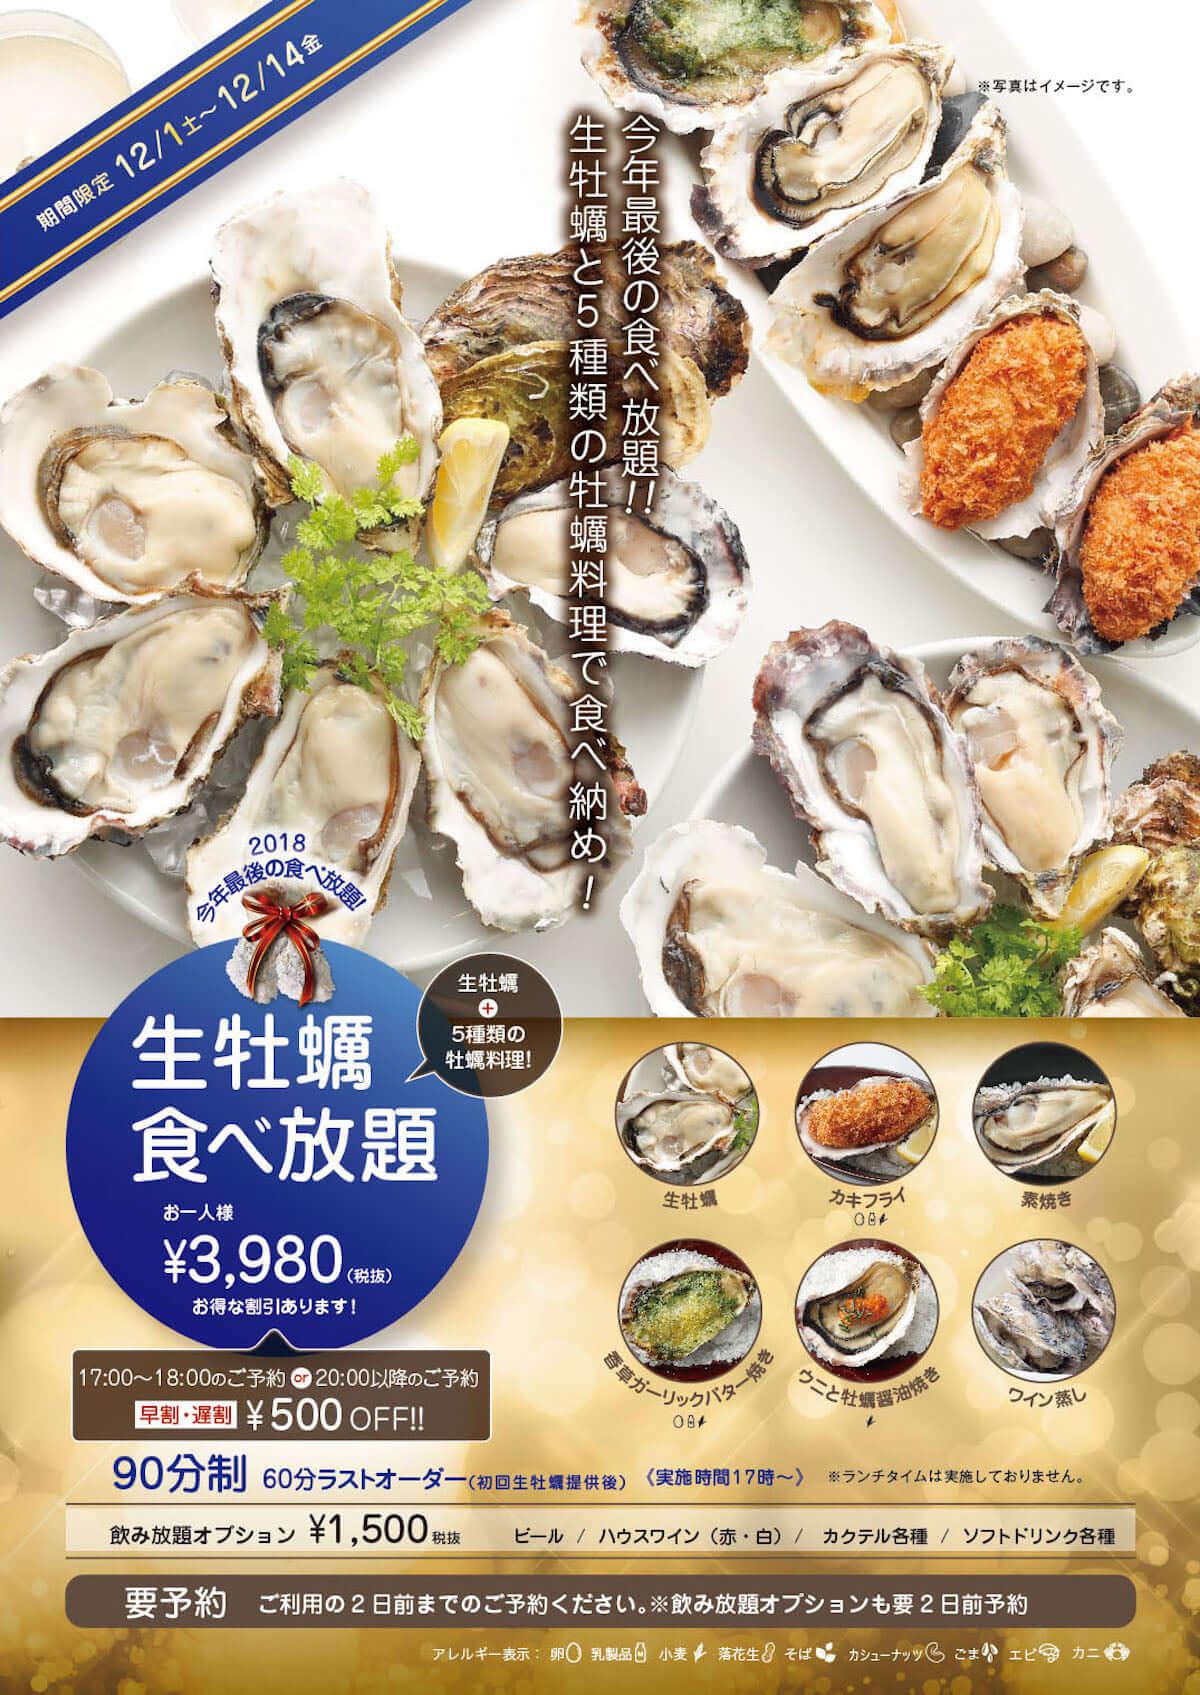 生牡蠣食べ放題が期間限定開催!真牡蠣のシーズンが開幕! food181127_oysterbar_2-1200x1695